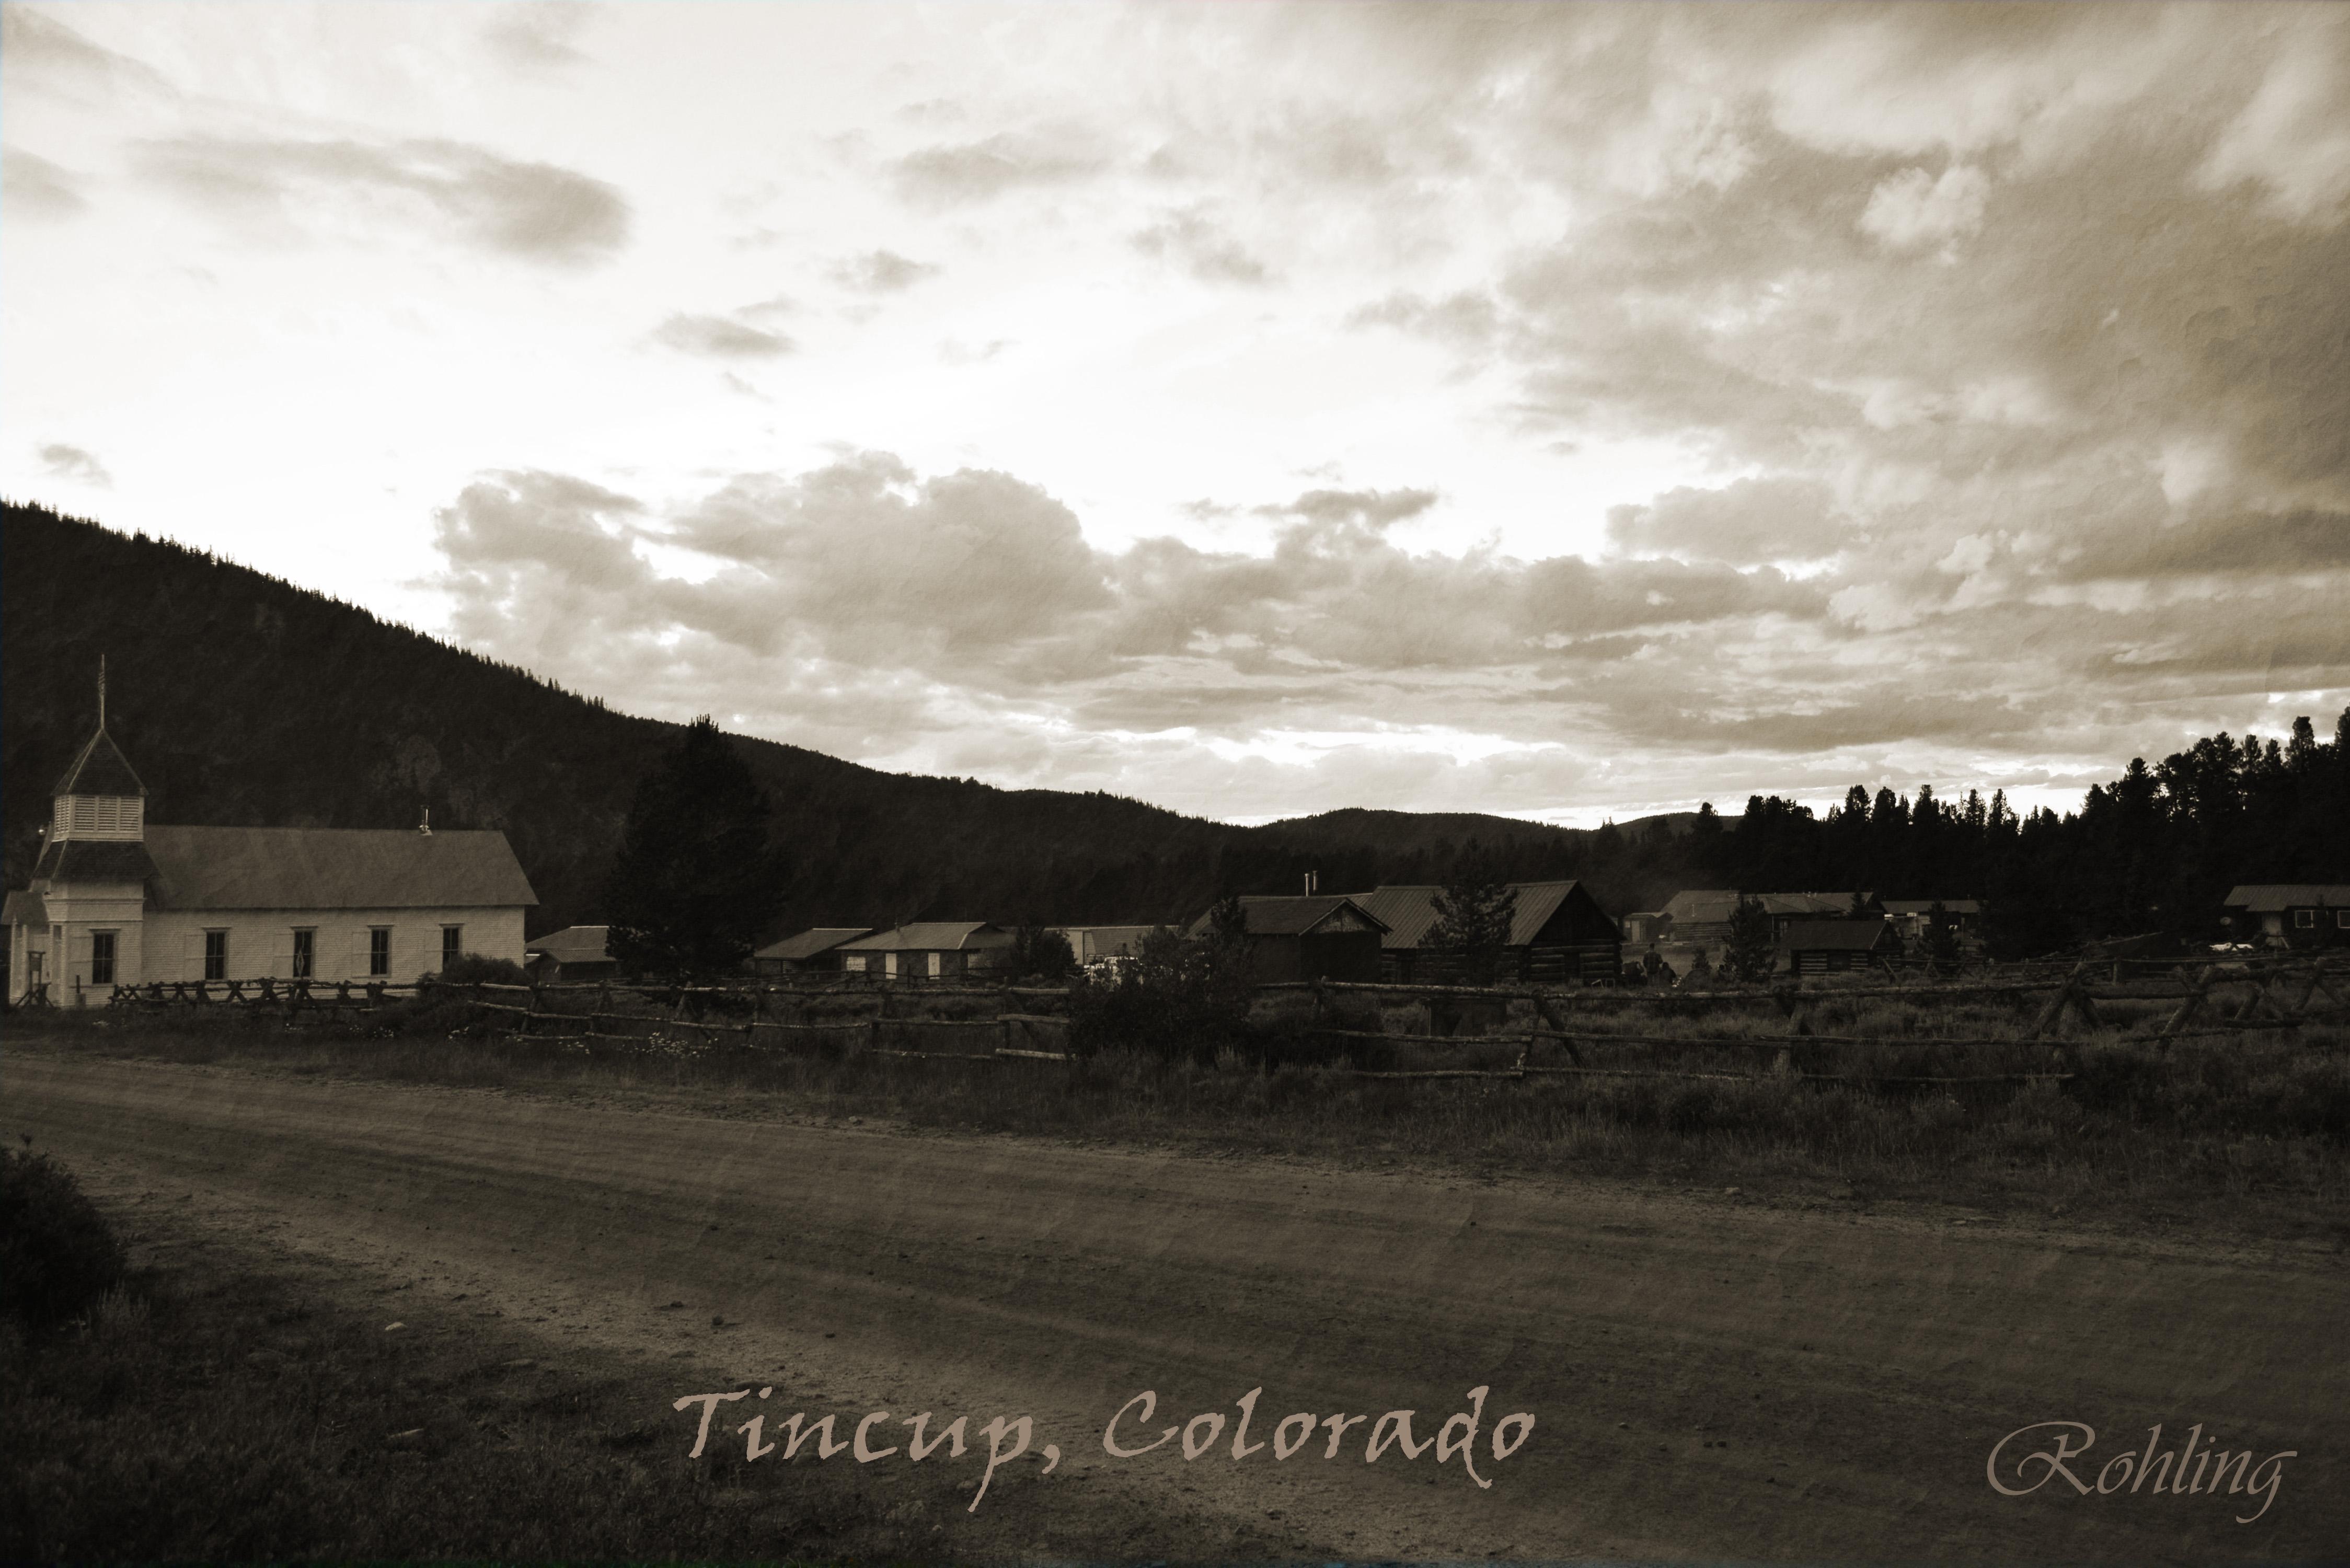 Tin Cup, Colorado